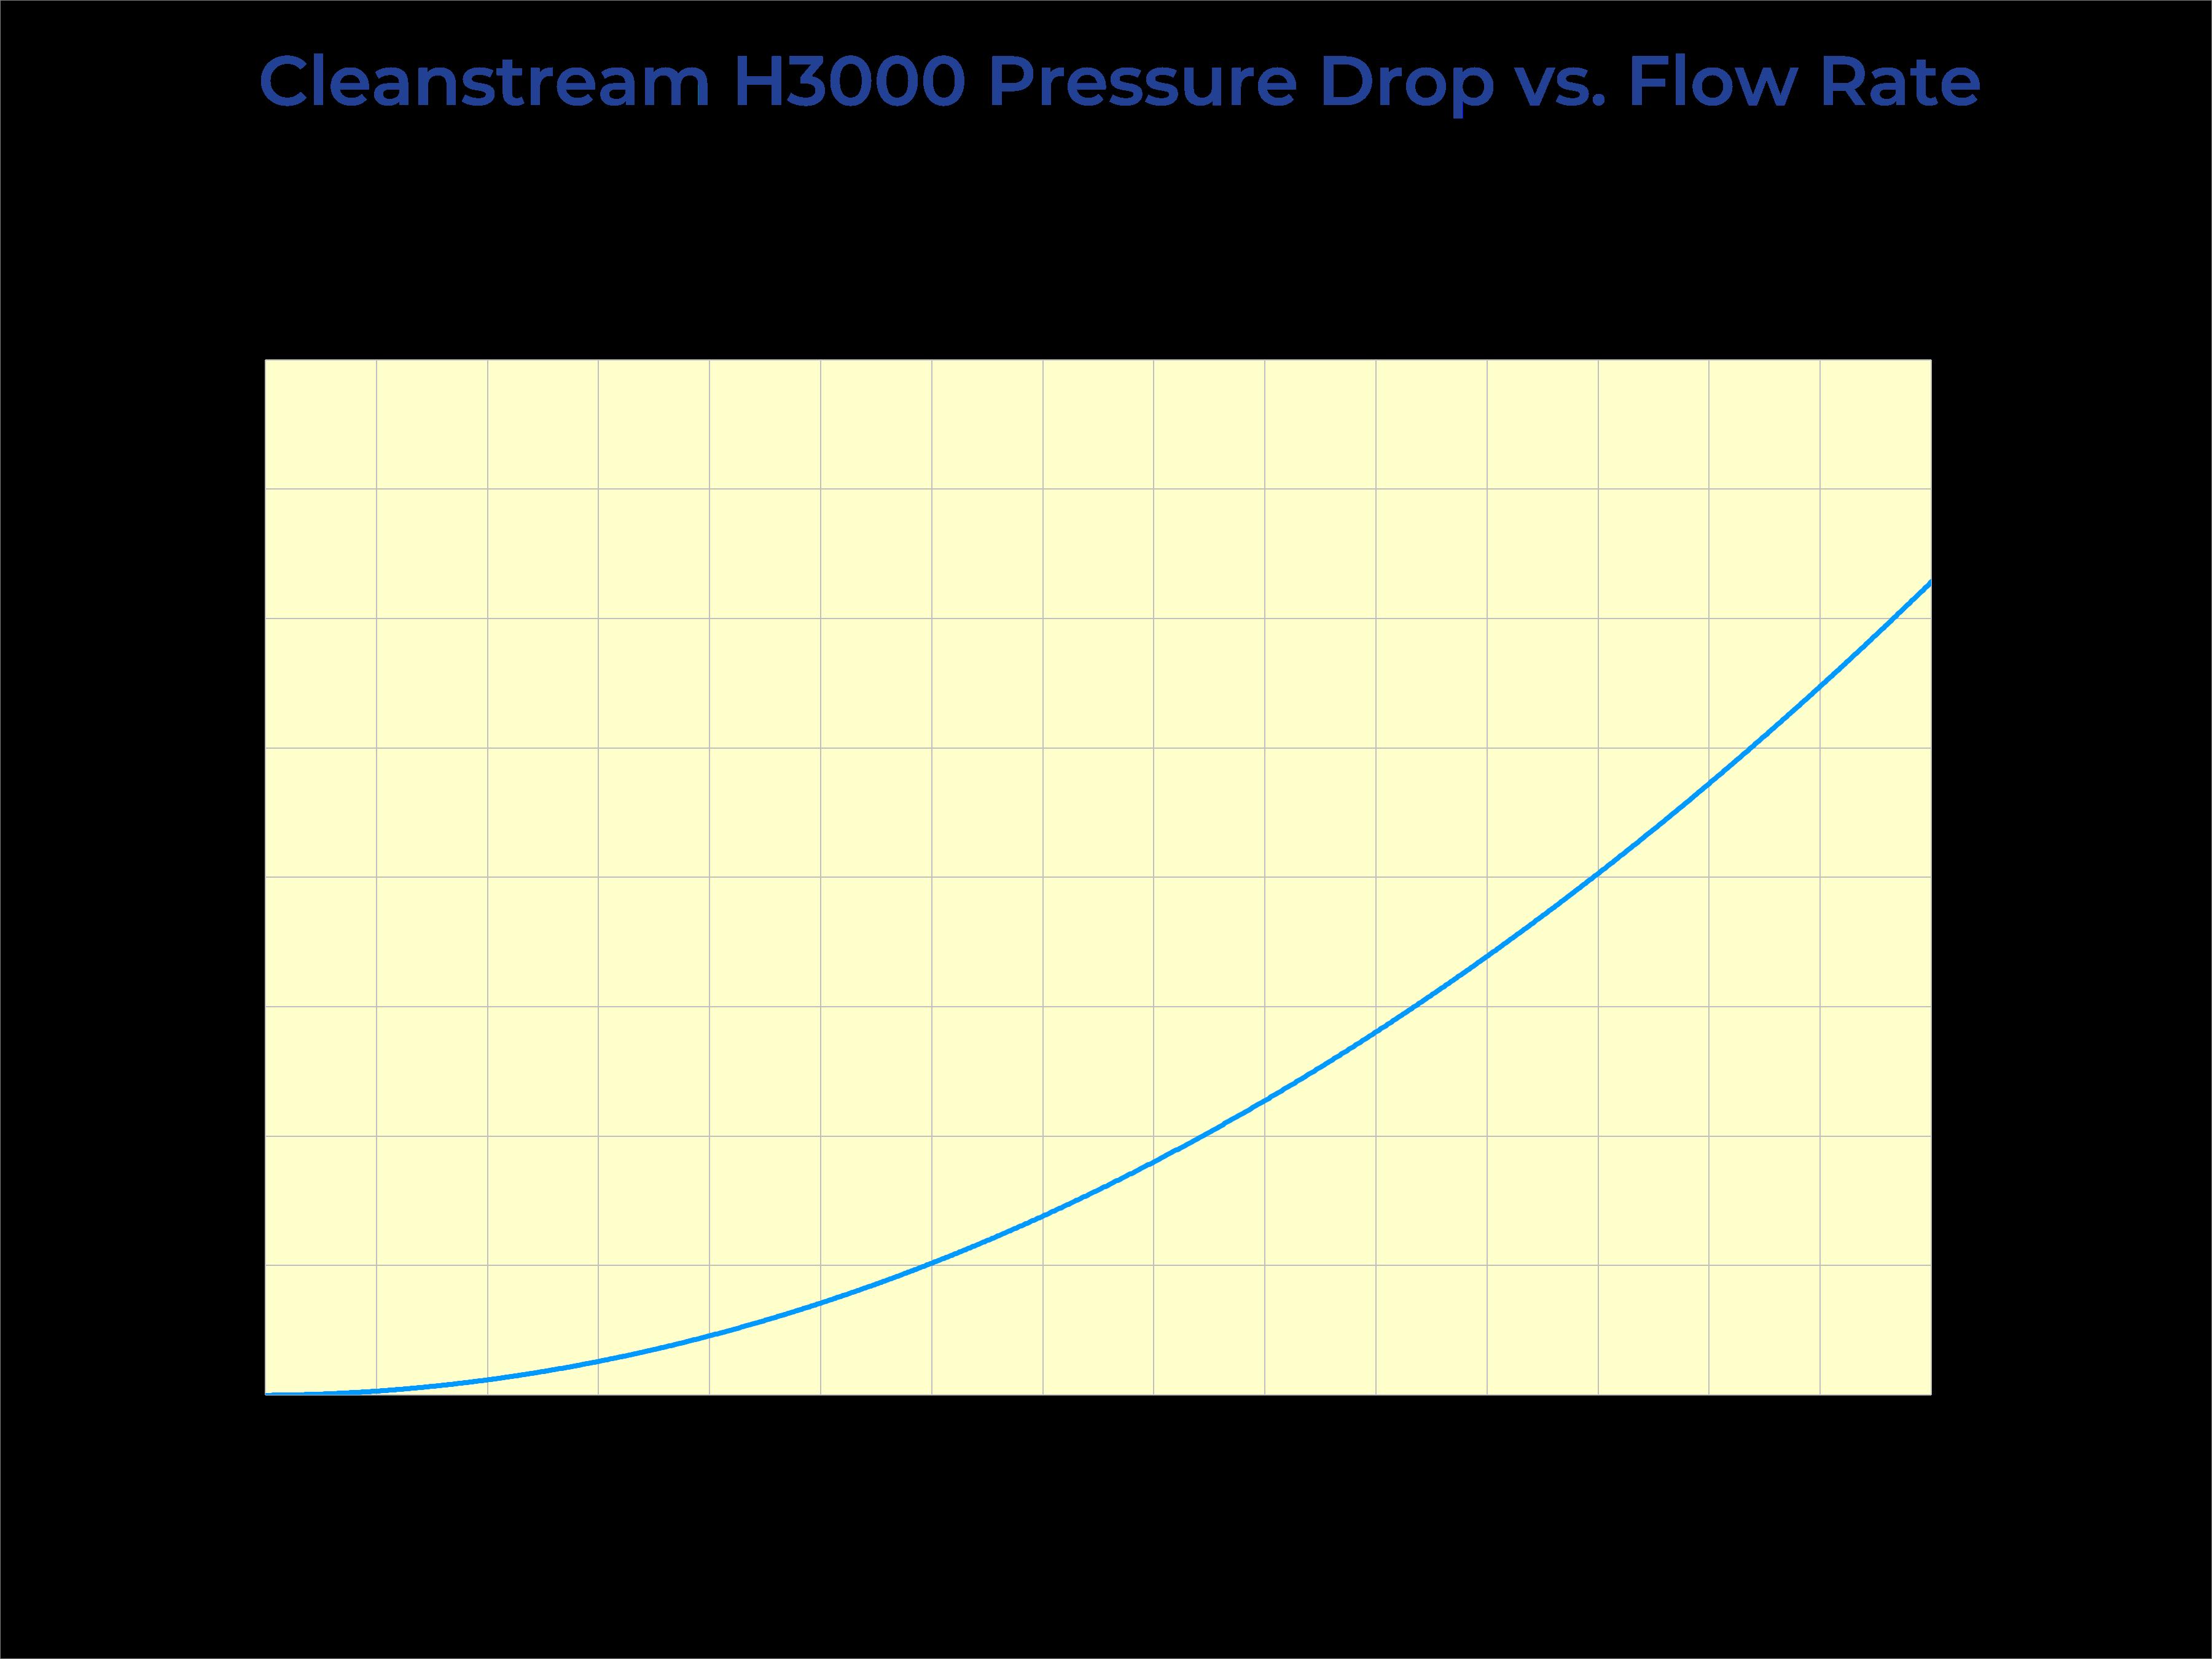 Cleanstream H3000 Pressure Drop